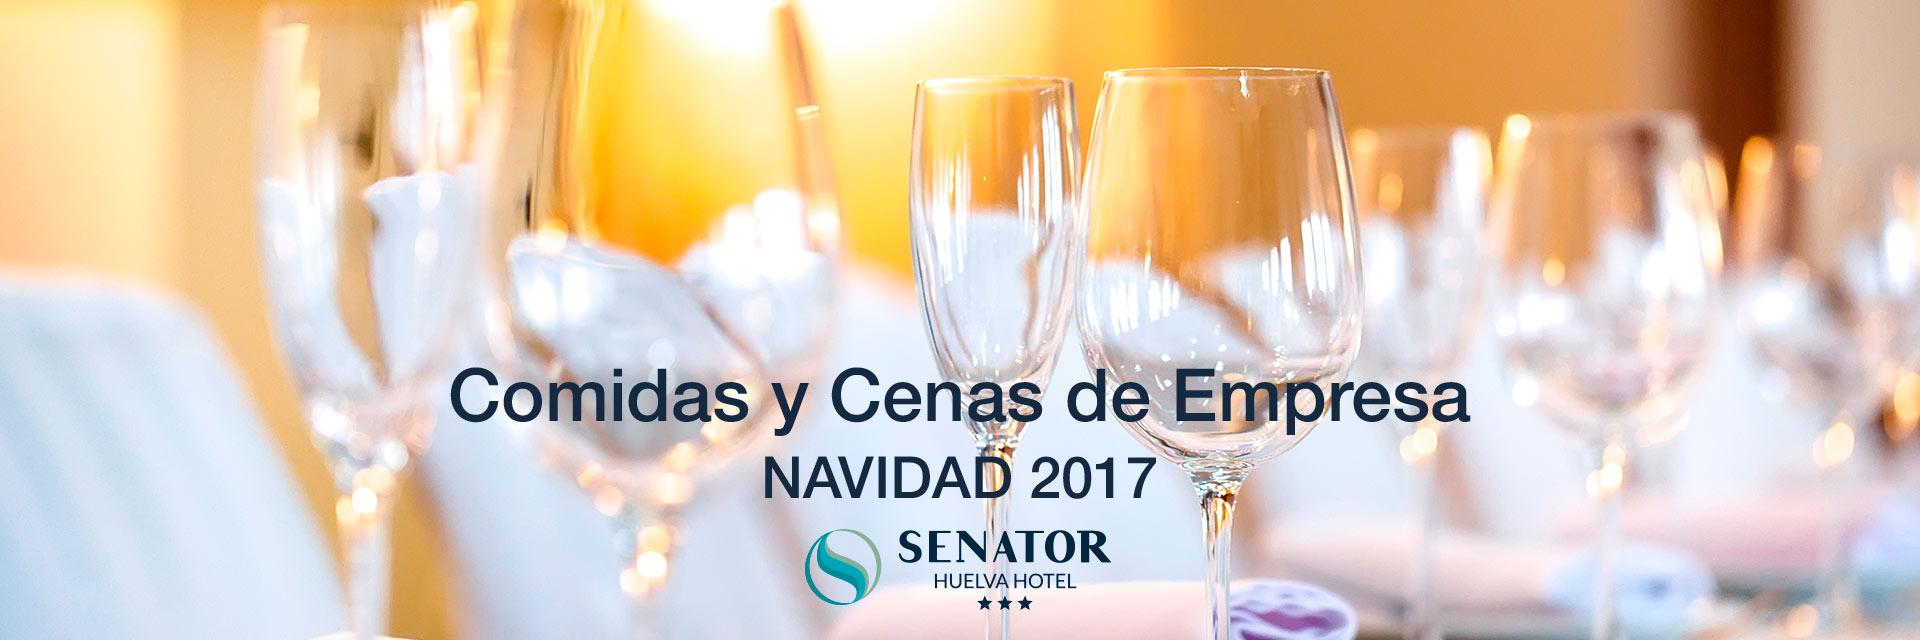 Comidas y cenas de empresa Senator Huelva Hotel